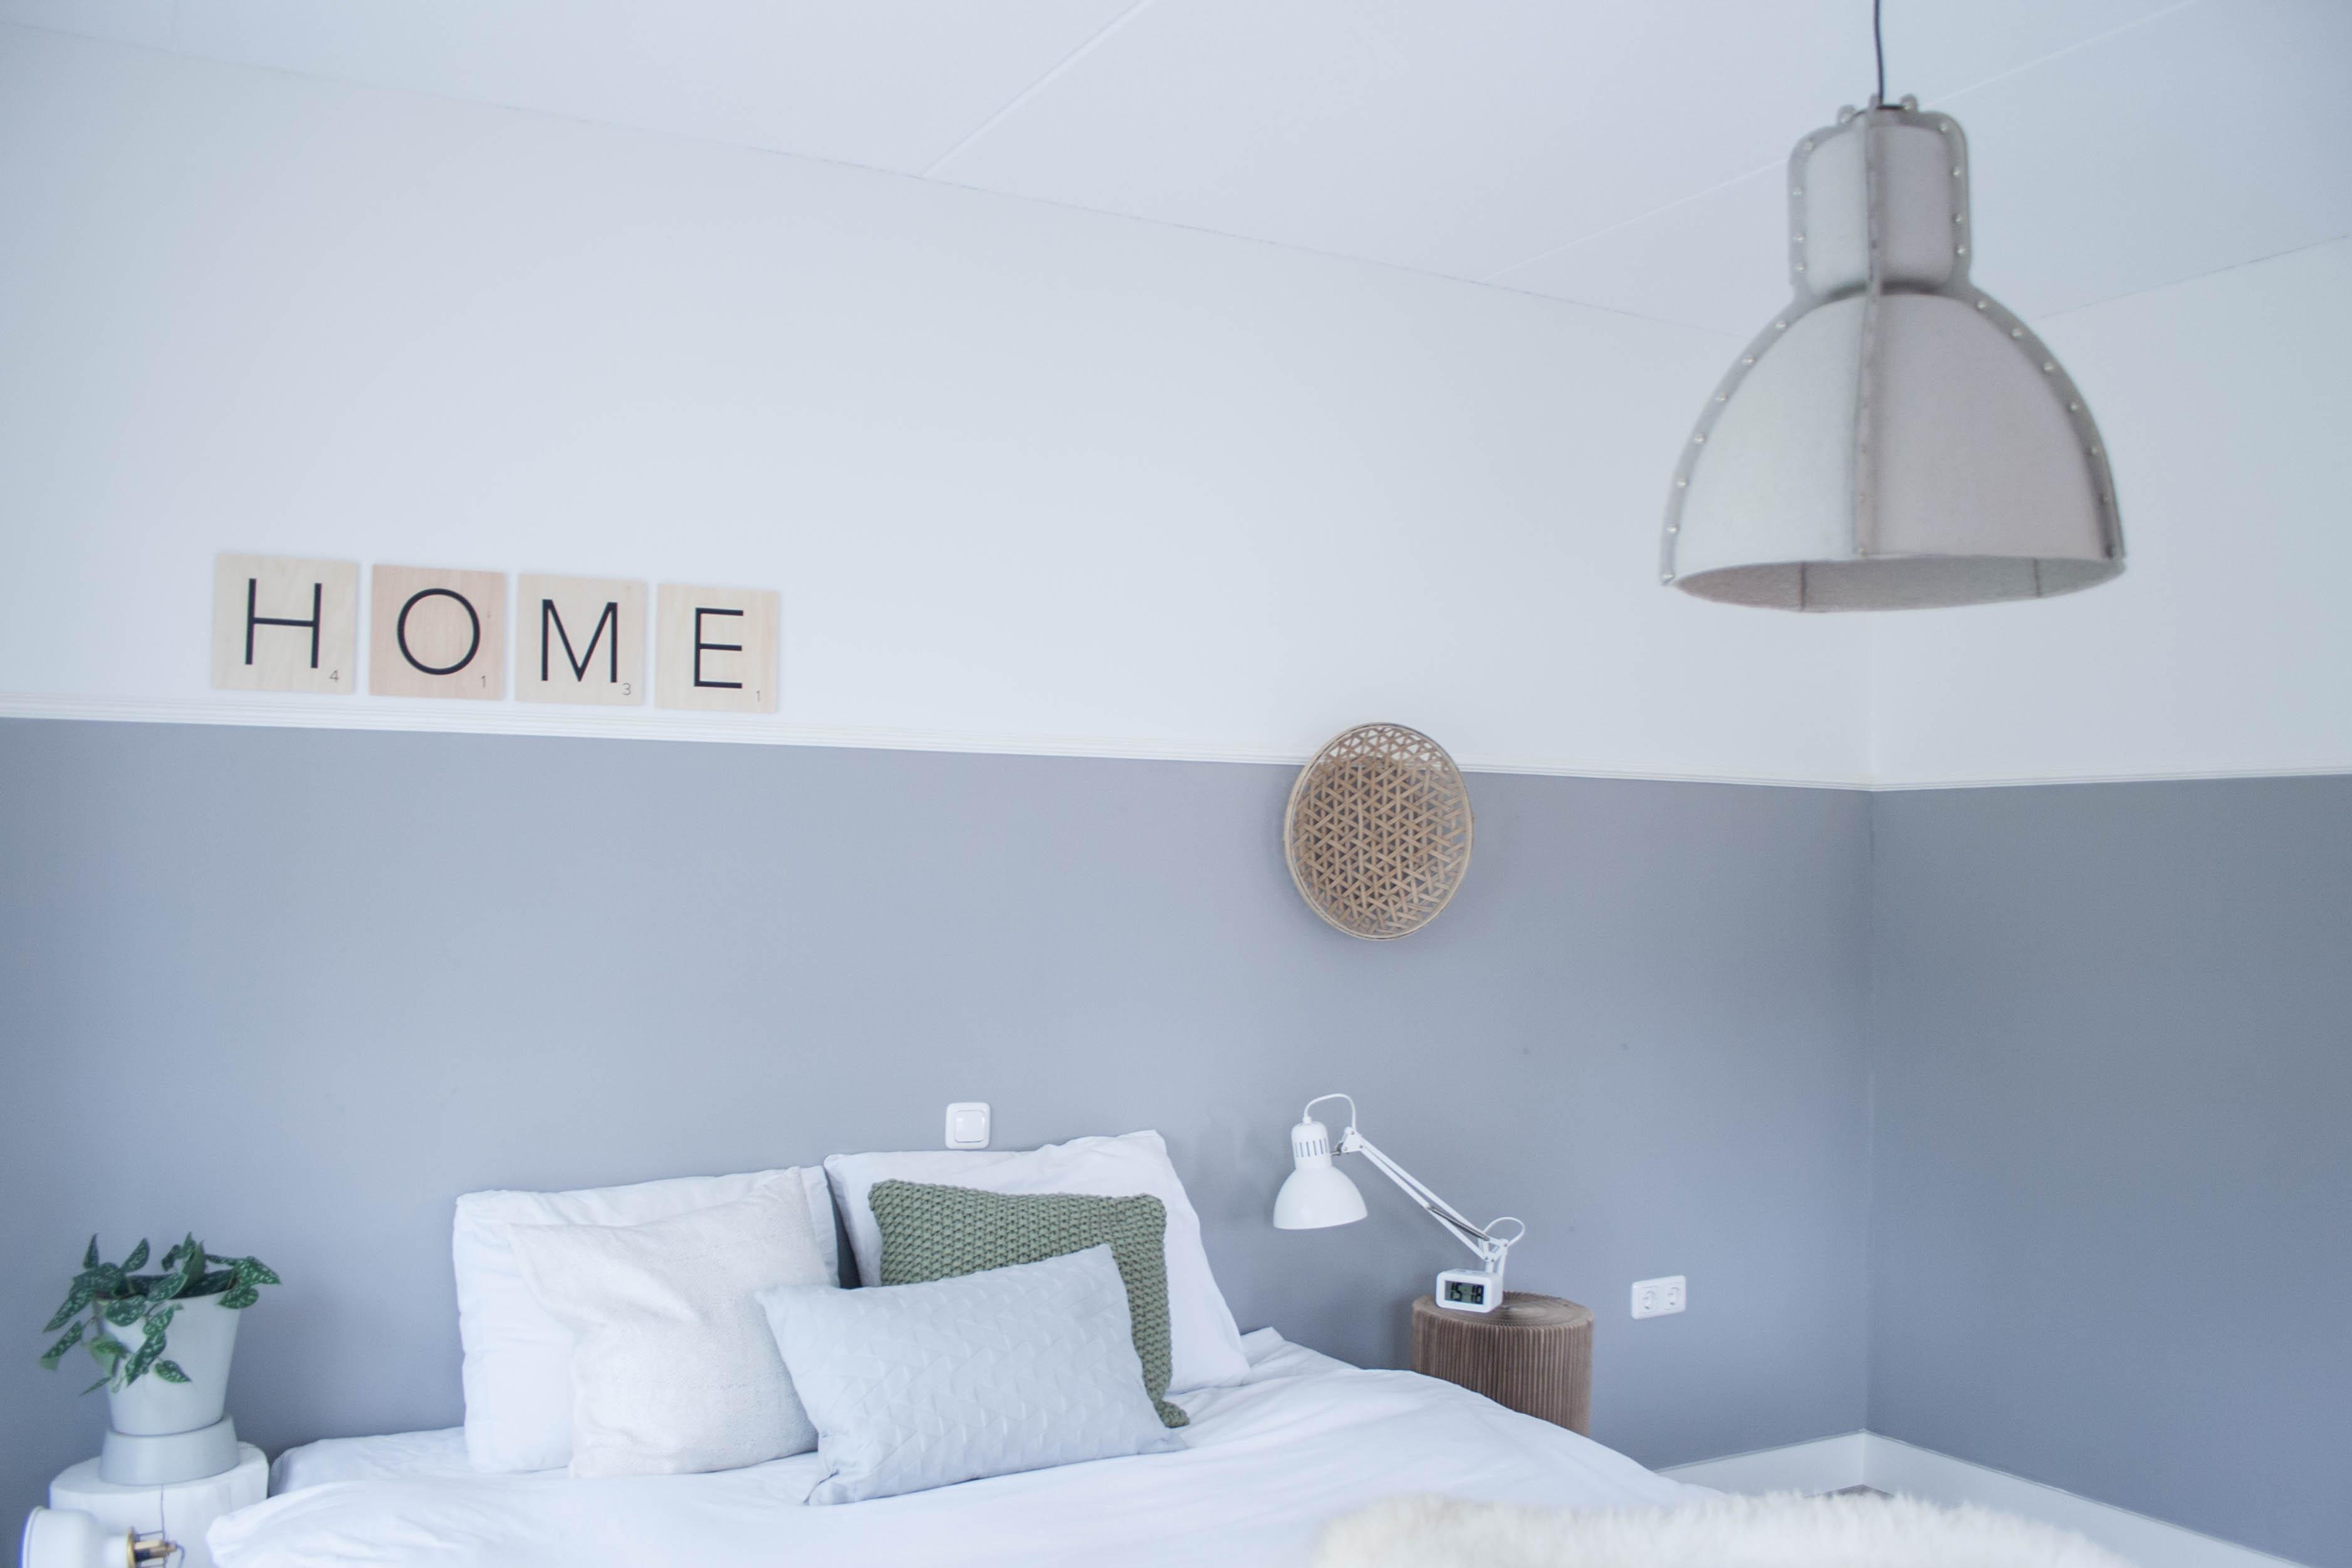 Leuke Slaapkamer Lamp : Anne lighting in onze slaapkamer u lott